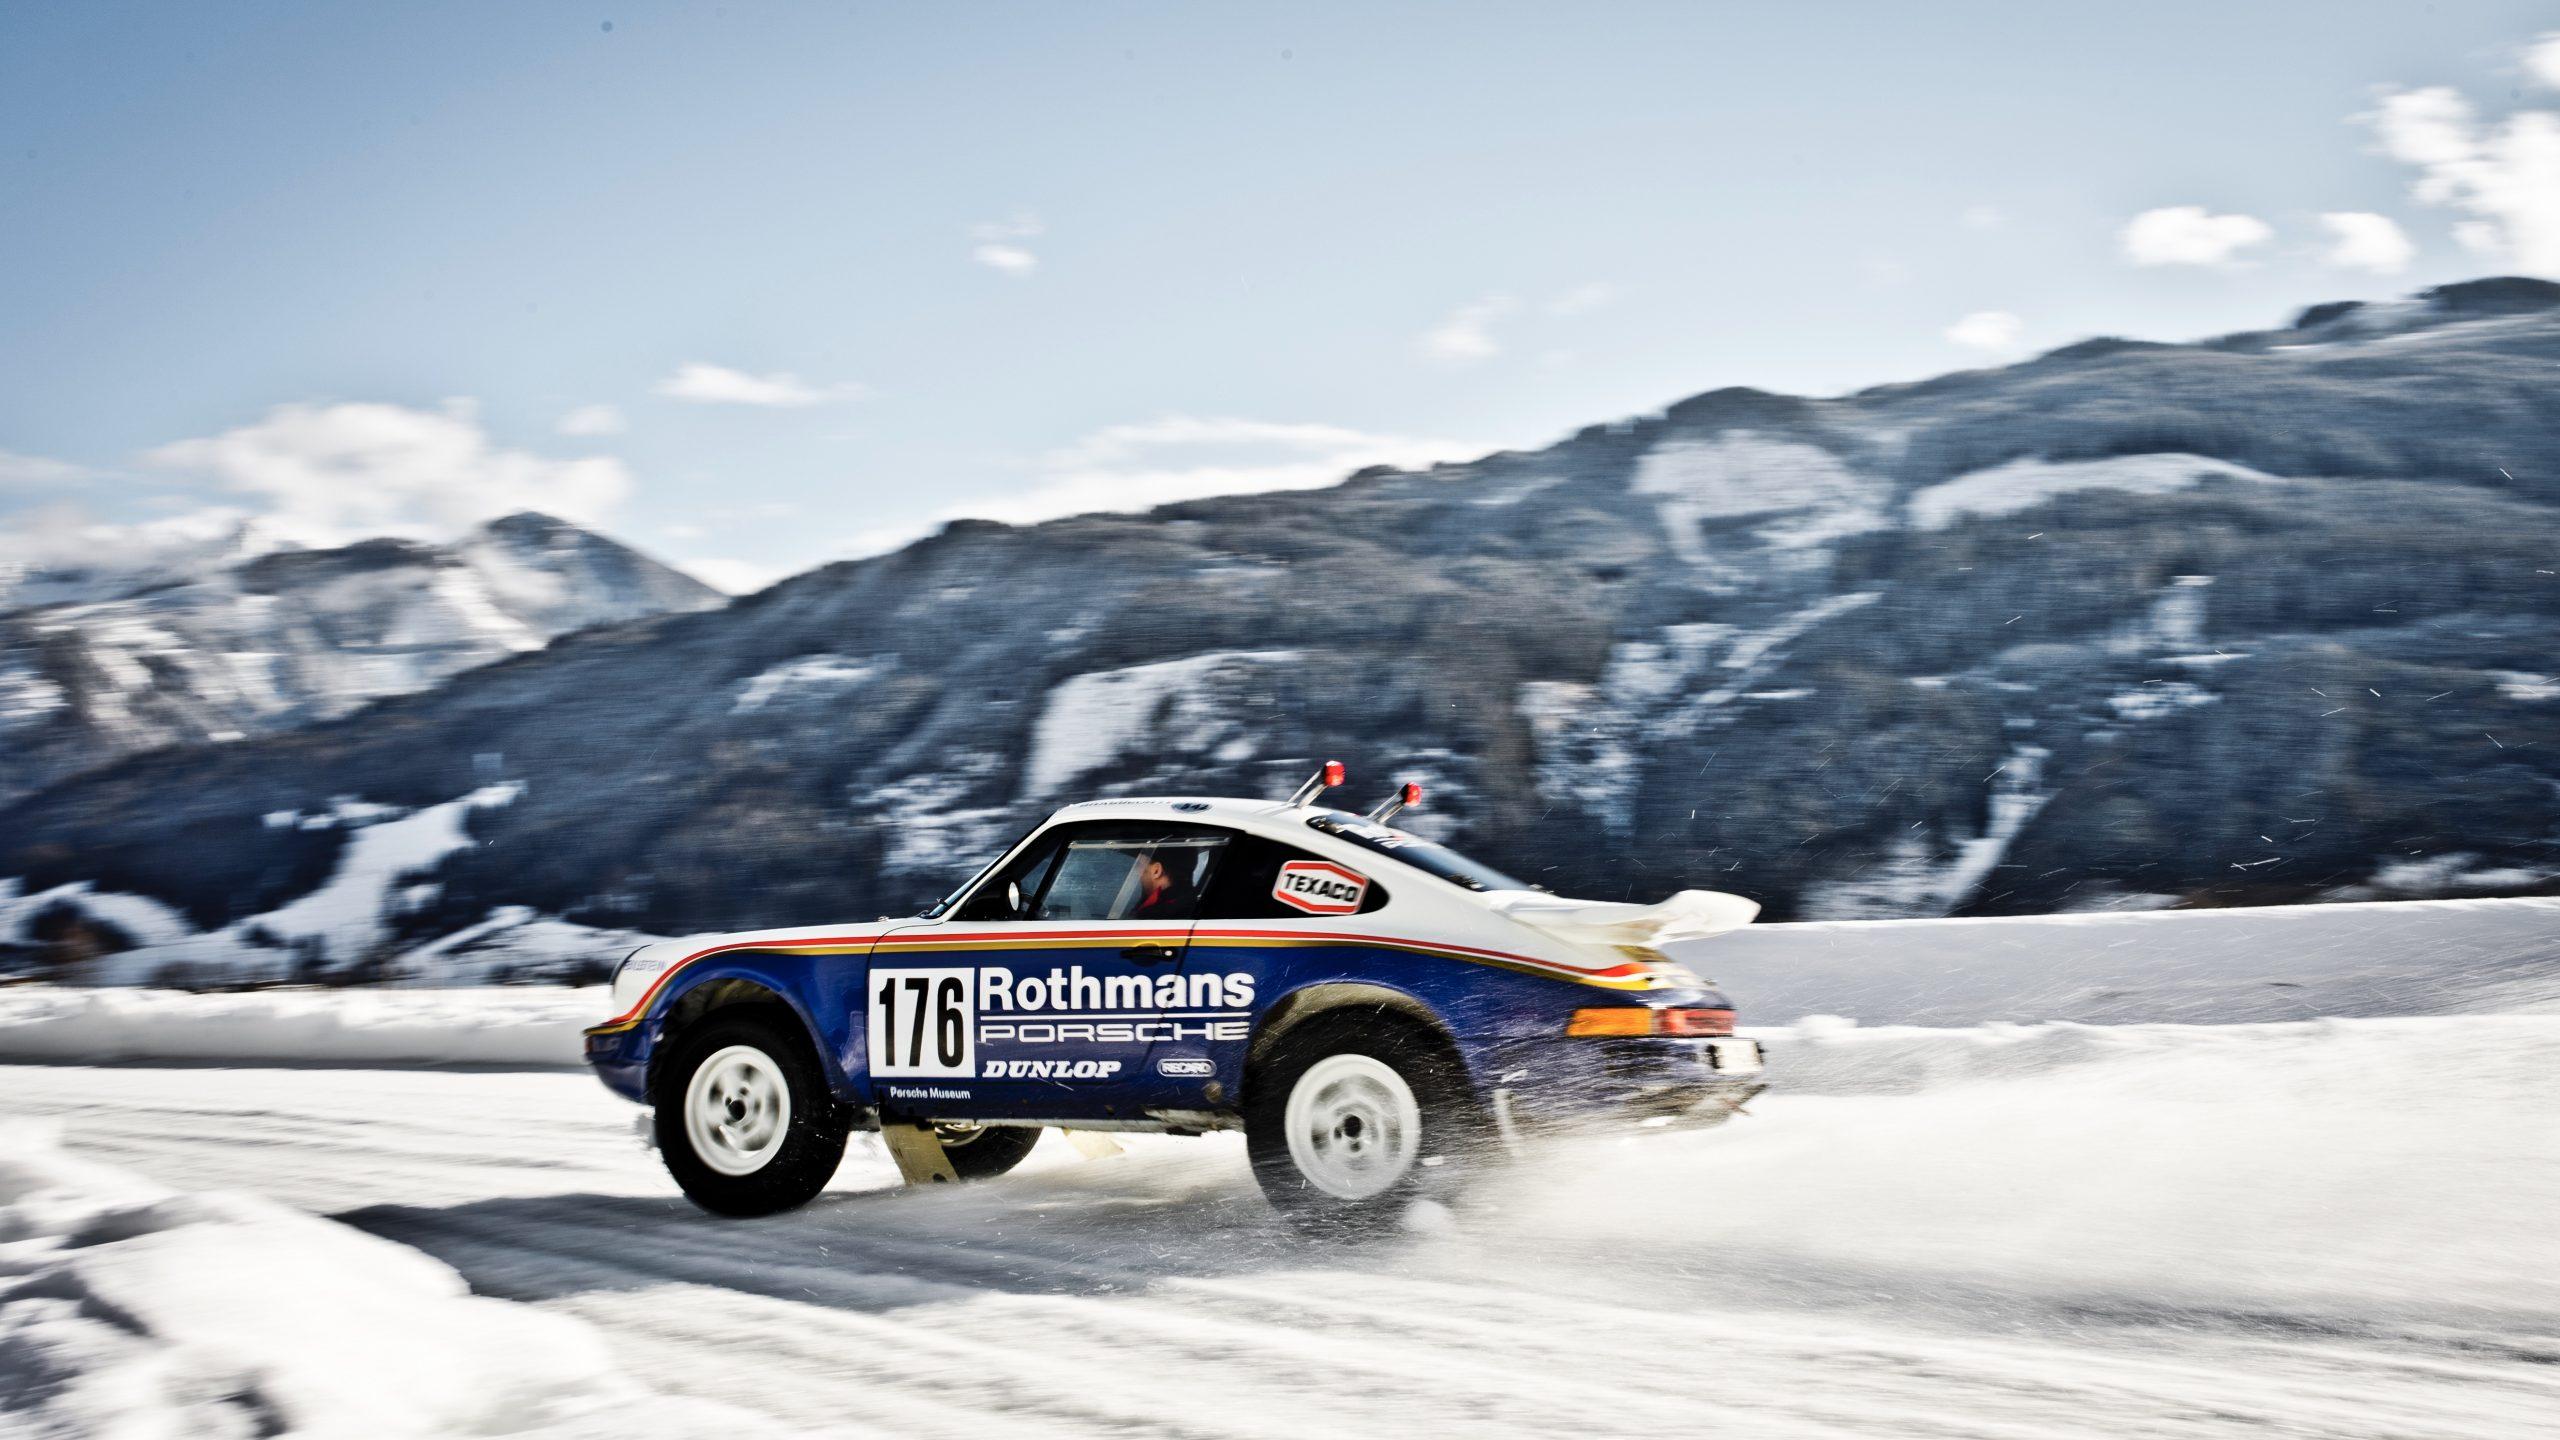 Porsche 953/Walter Röhrl drift rear side profile